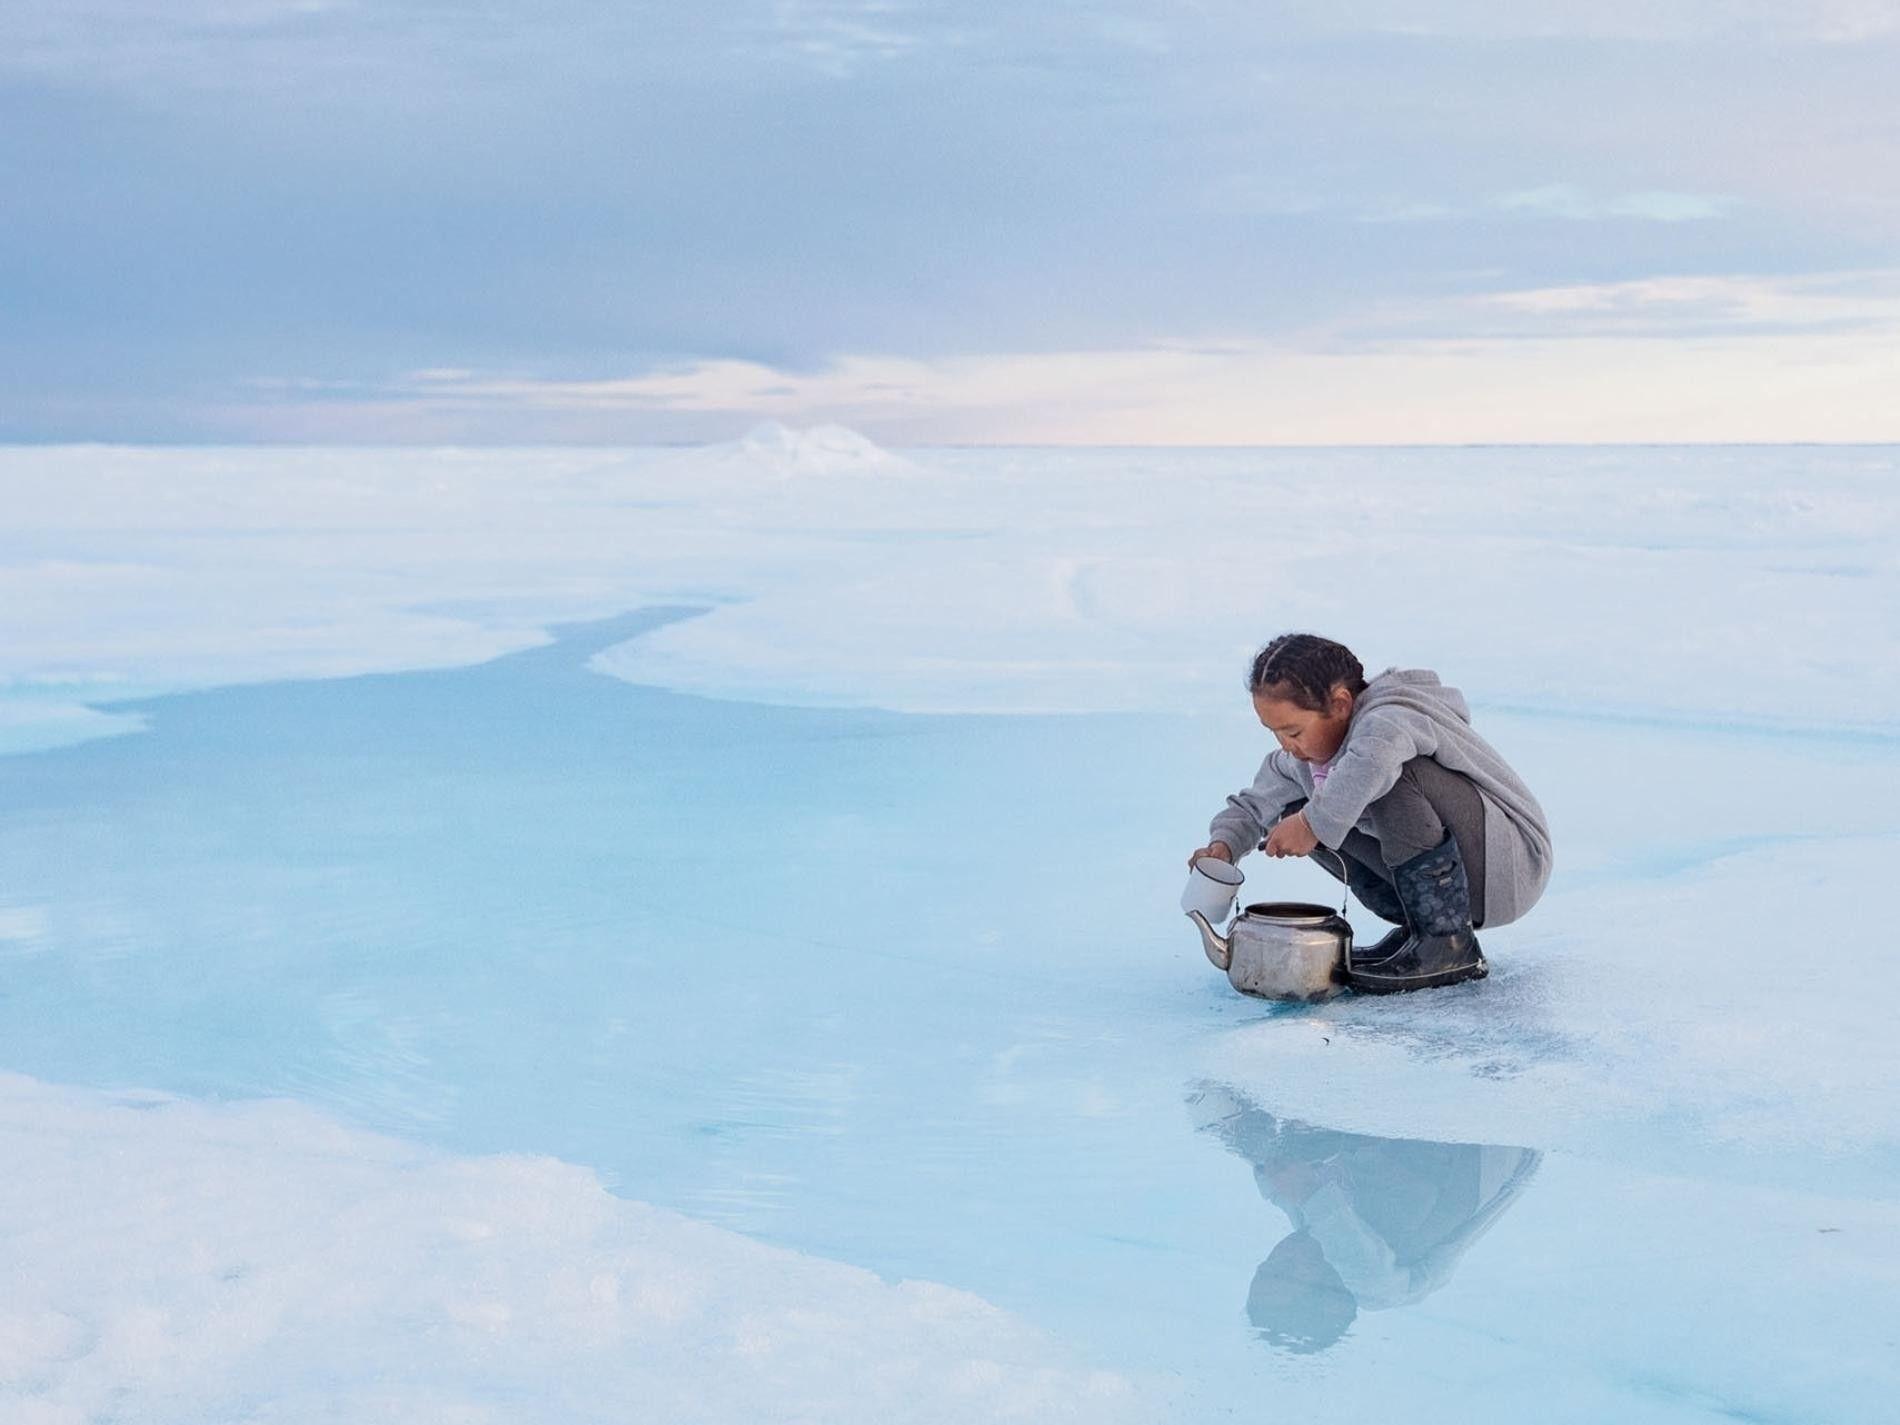 Cuando la banquisa envejece, la sal se hunde al océano y deja sobre ella agua dulce ...